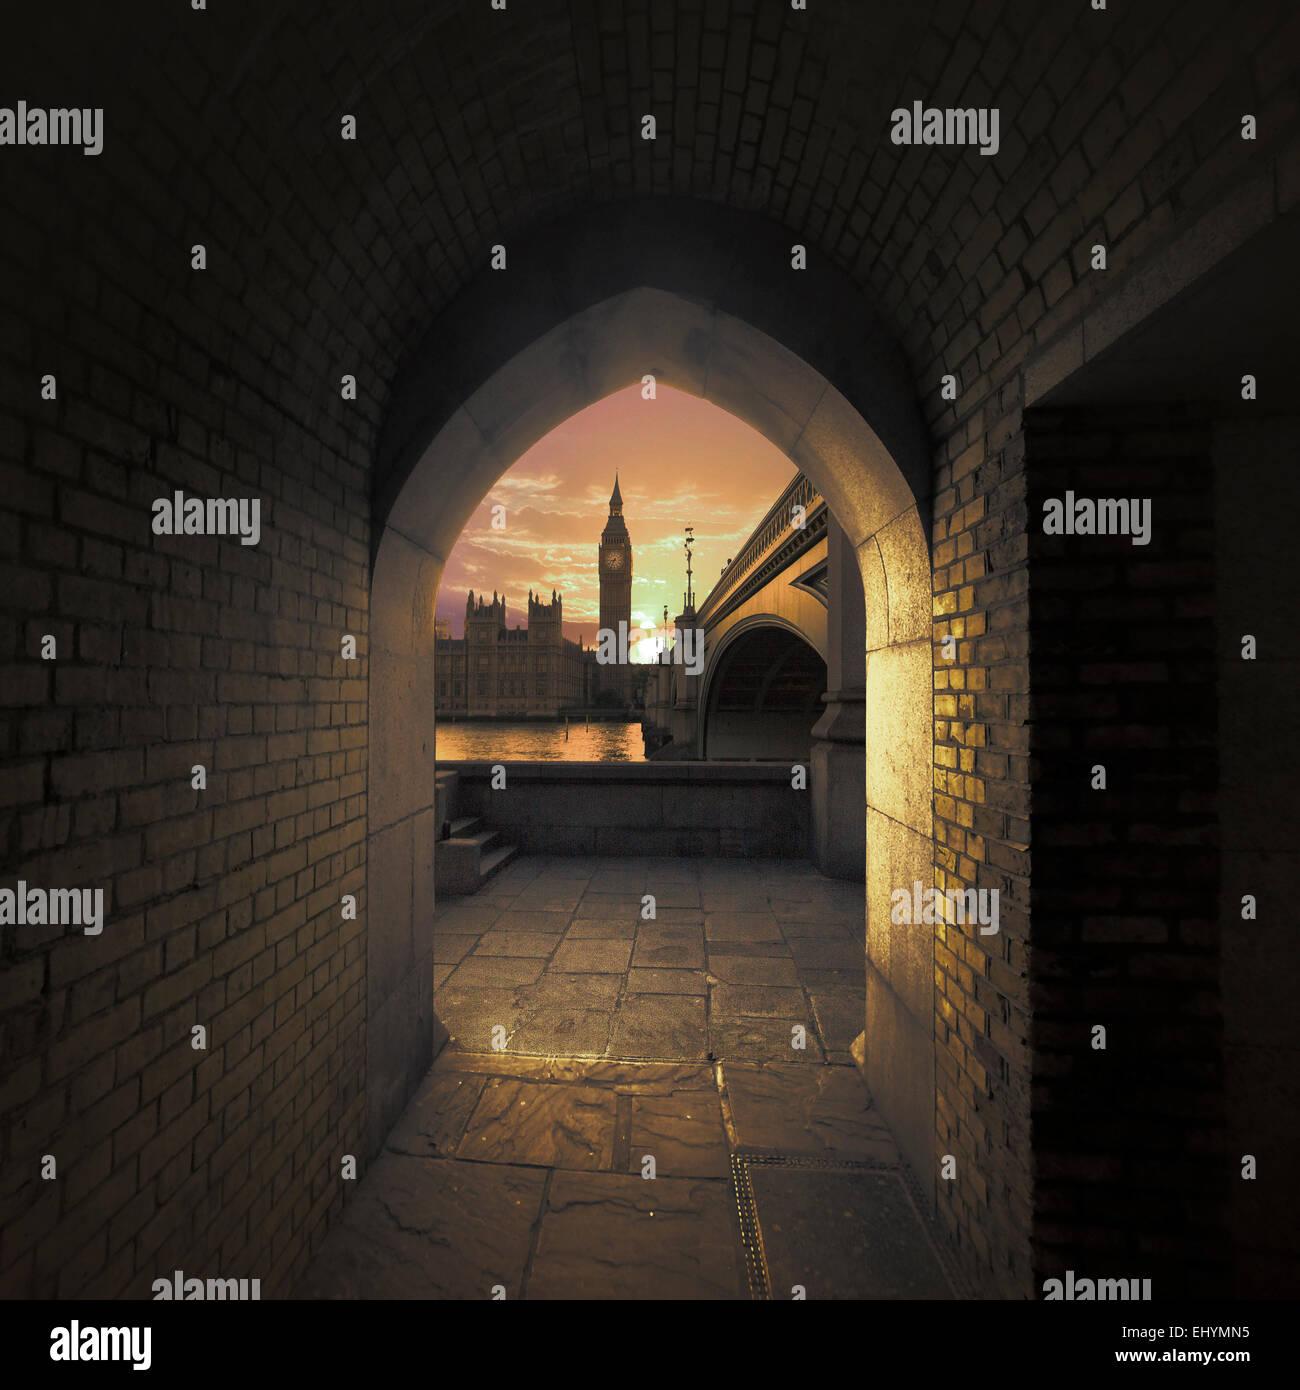 Vue de Big Ben à travers une arche sur la Tamise, Londres, UK Photo Stock